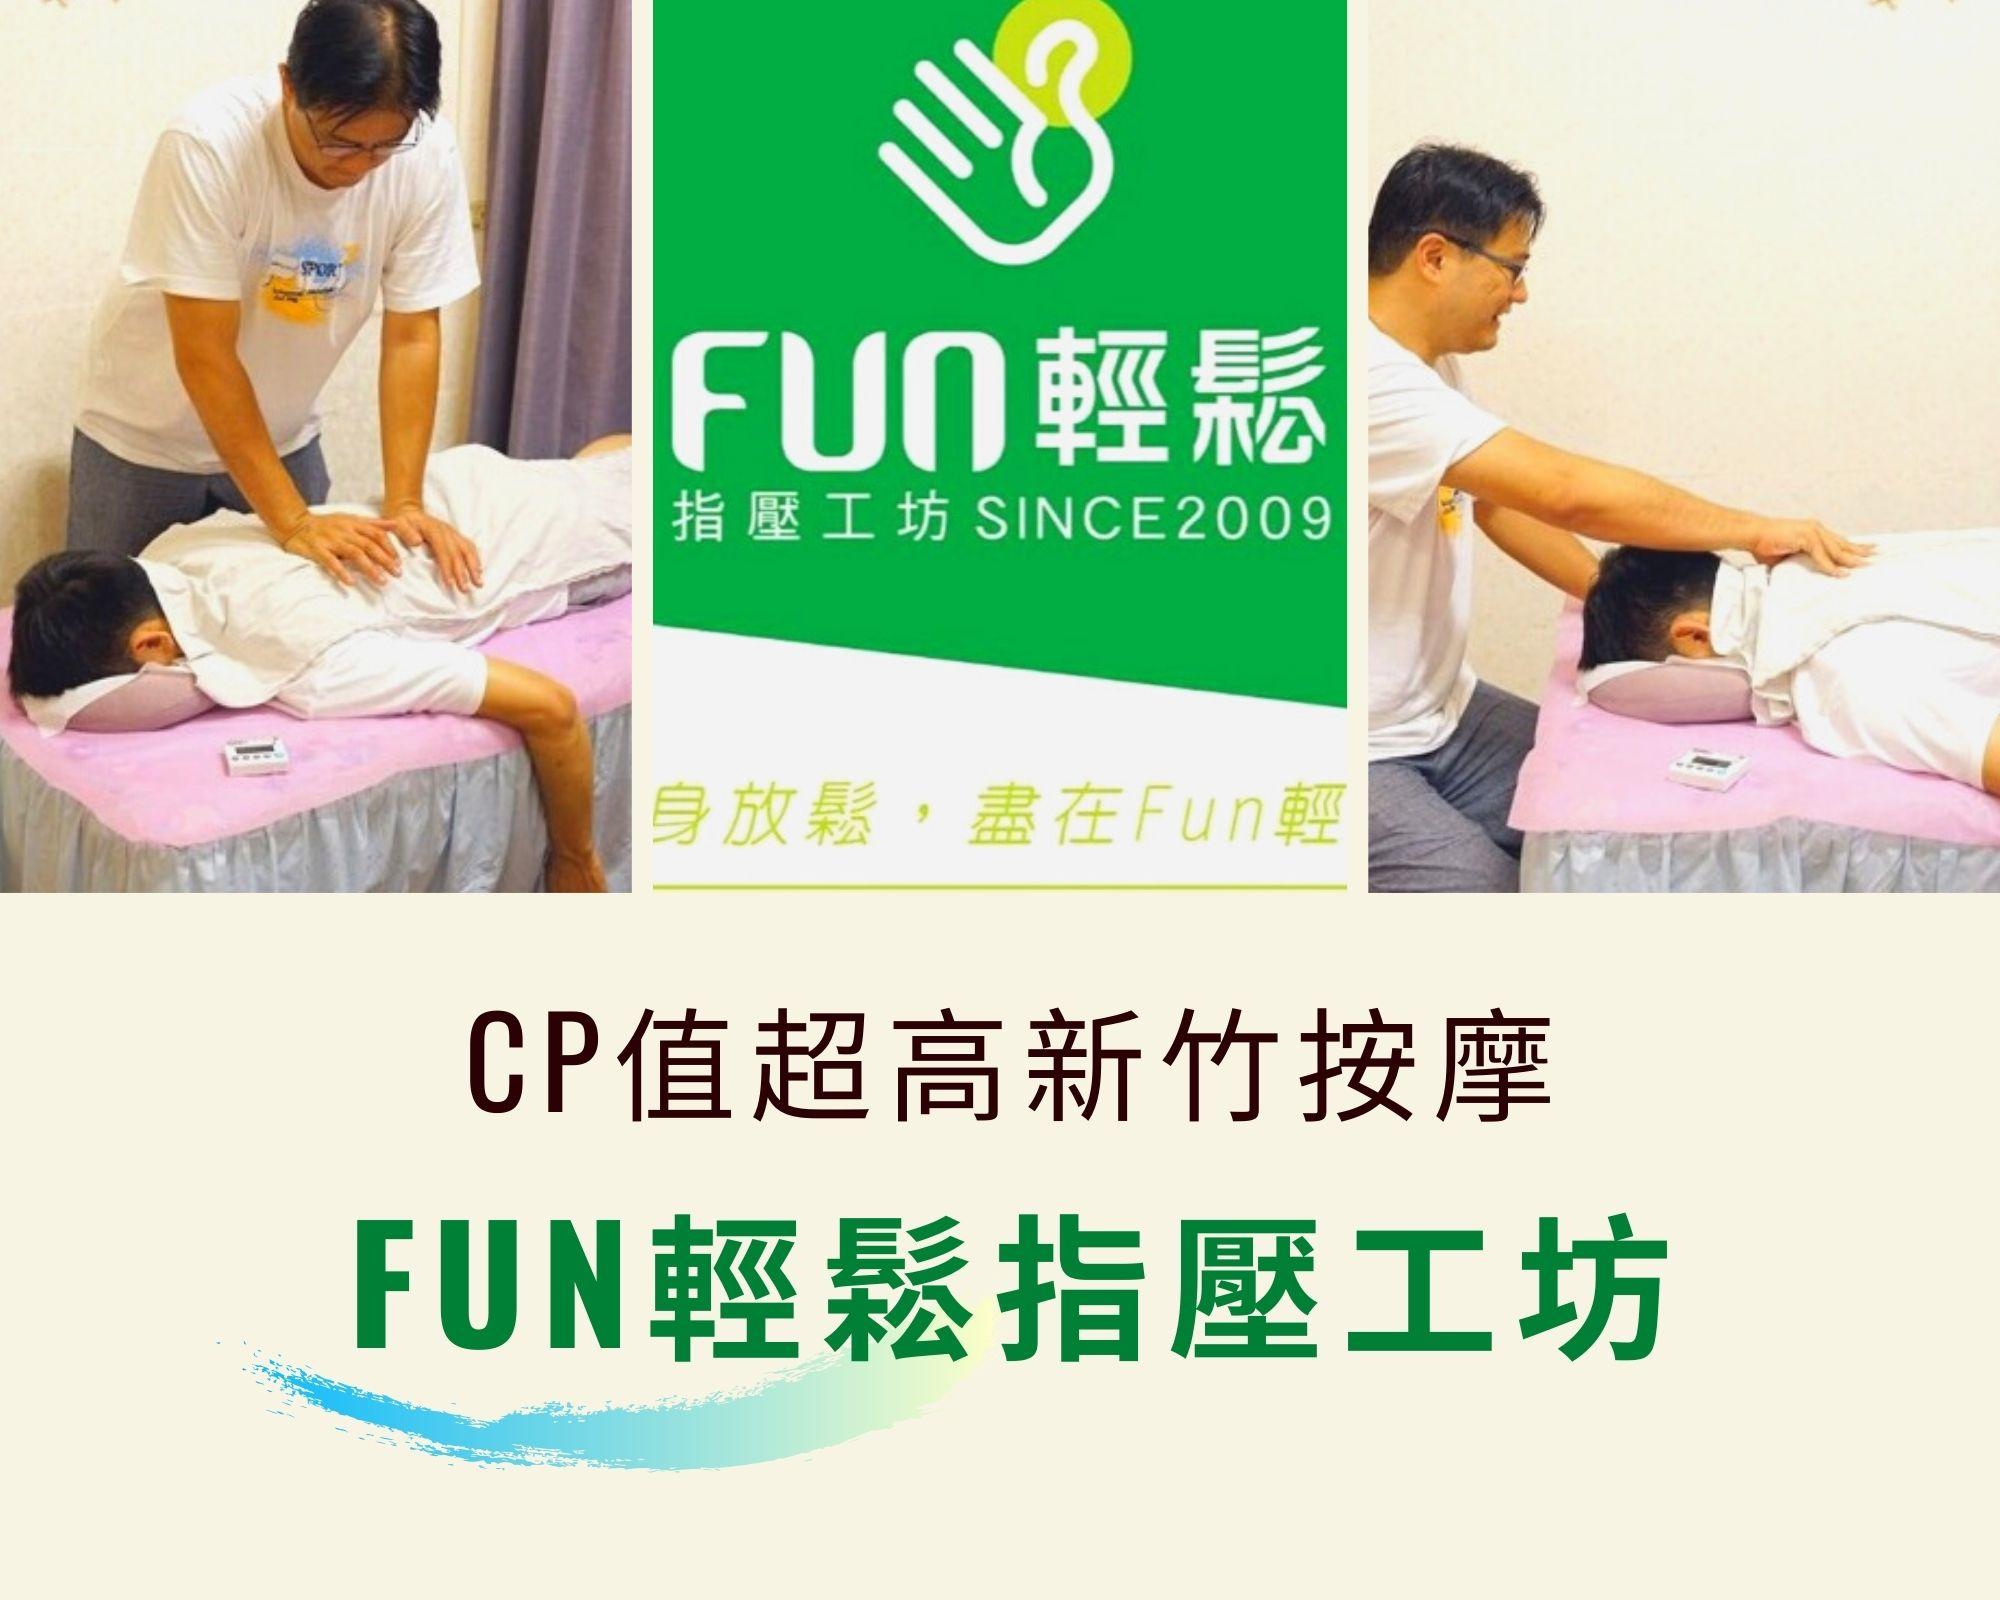 越南便宜海鮮在哪裡?胡志明市范五老街海鮮大排檔推薦懶人包整理-quan oc dao @東南亞投資報告